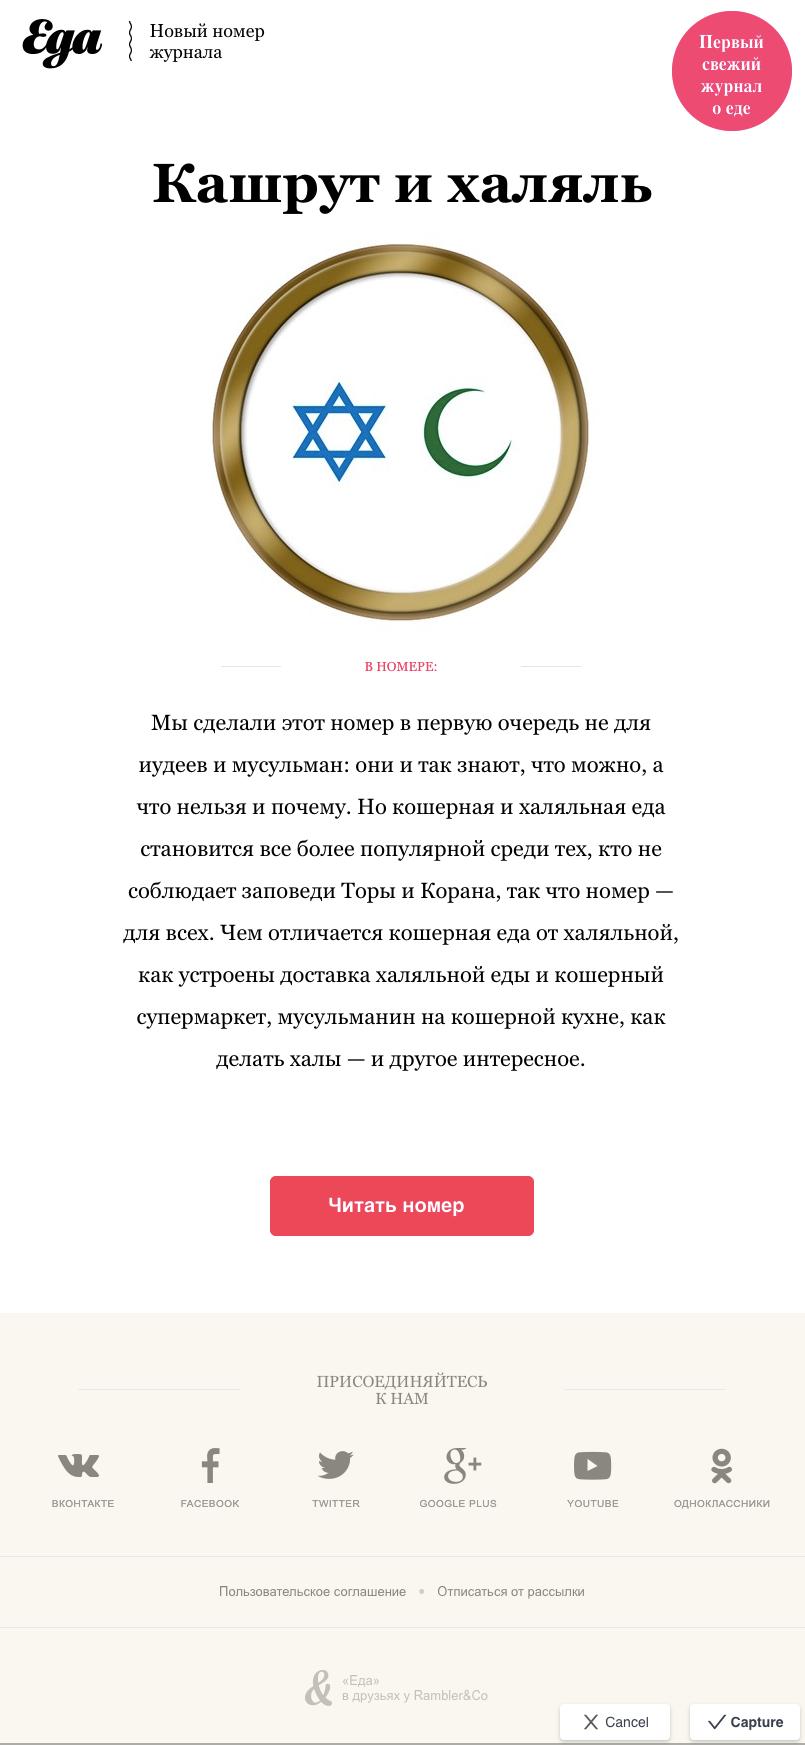 Онлайн-журнал «Еда»